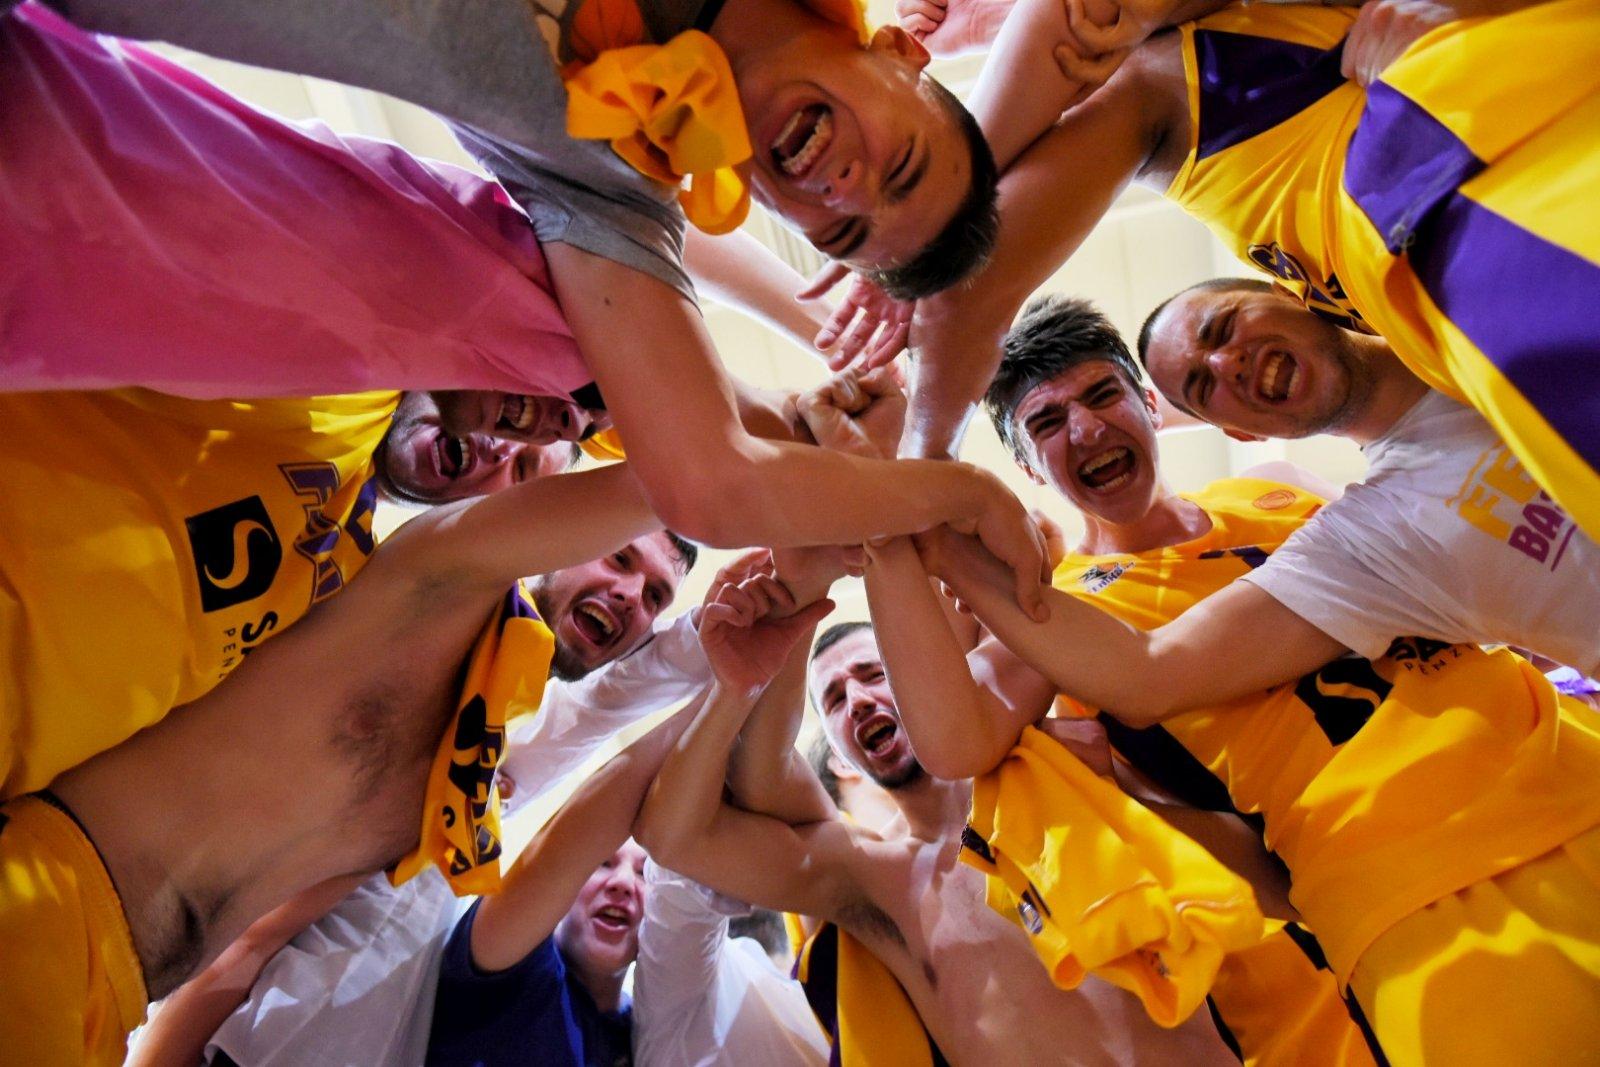 ВТОРА ЛИГА-МАЖИ: Феникс 2010 е нов прволигаш!